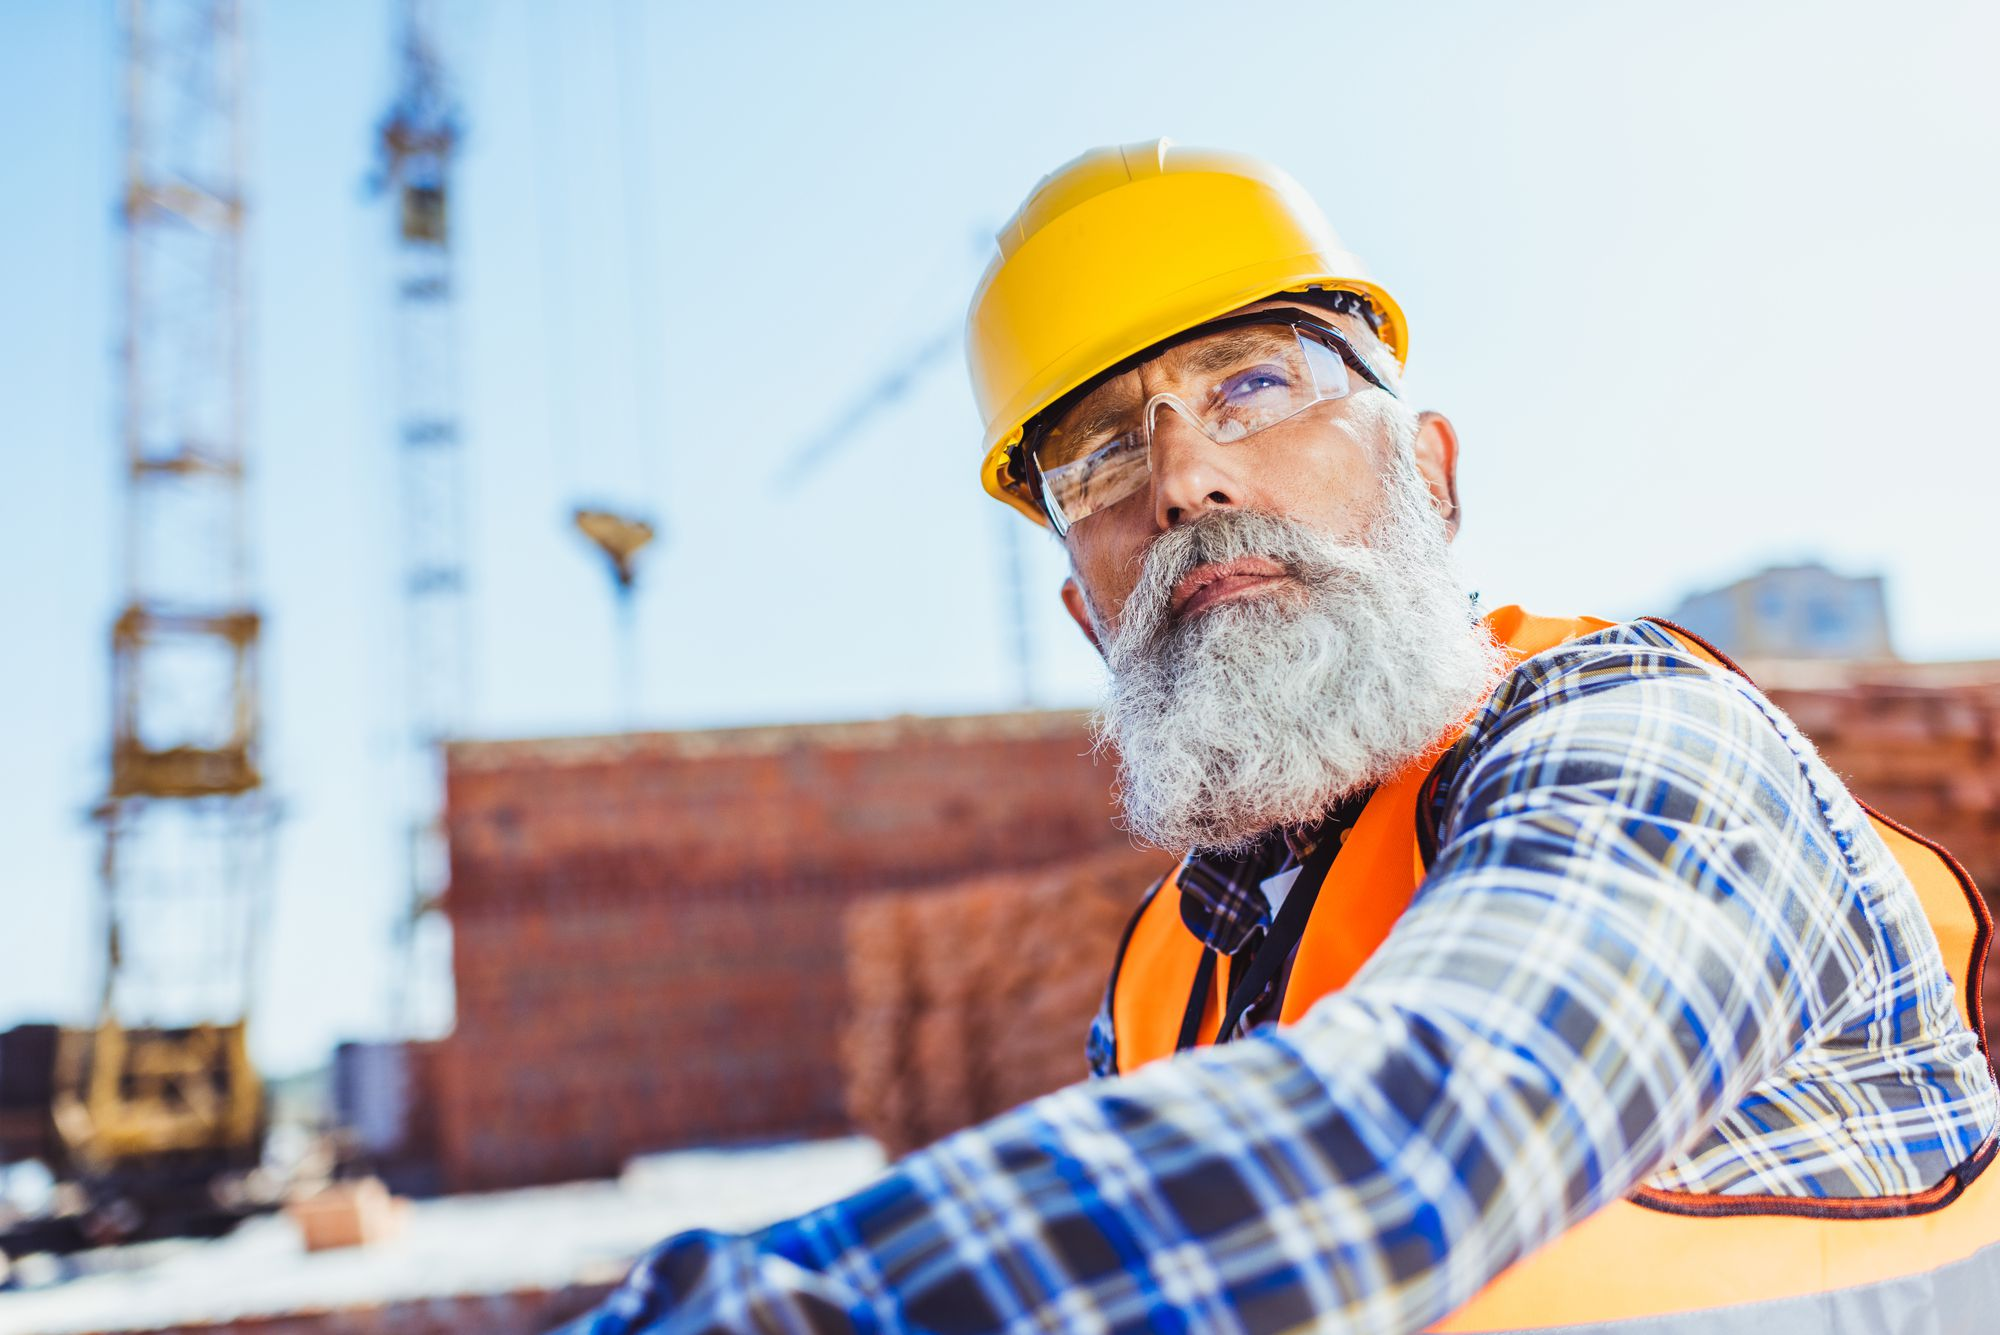 6036327ee7431 Óculos de proteção  a importância do cuidado com os olhos no trabalho